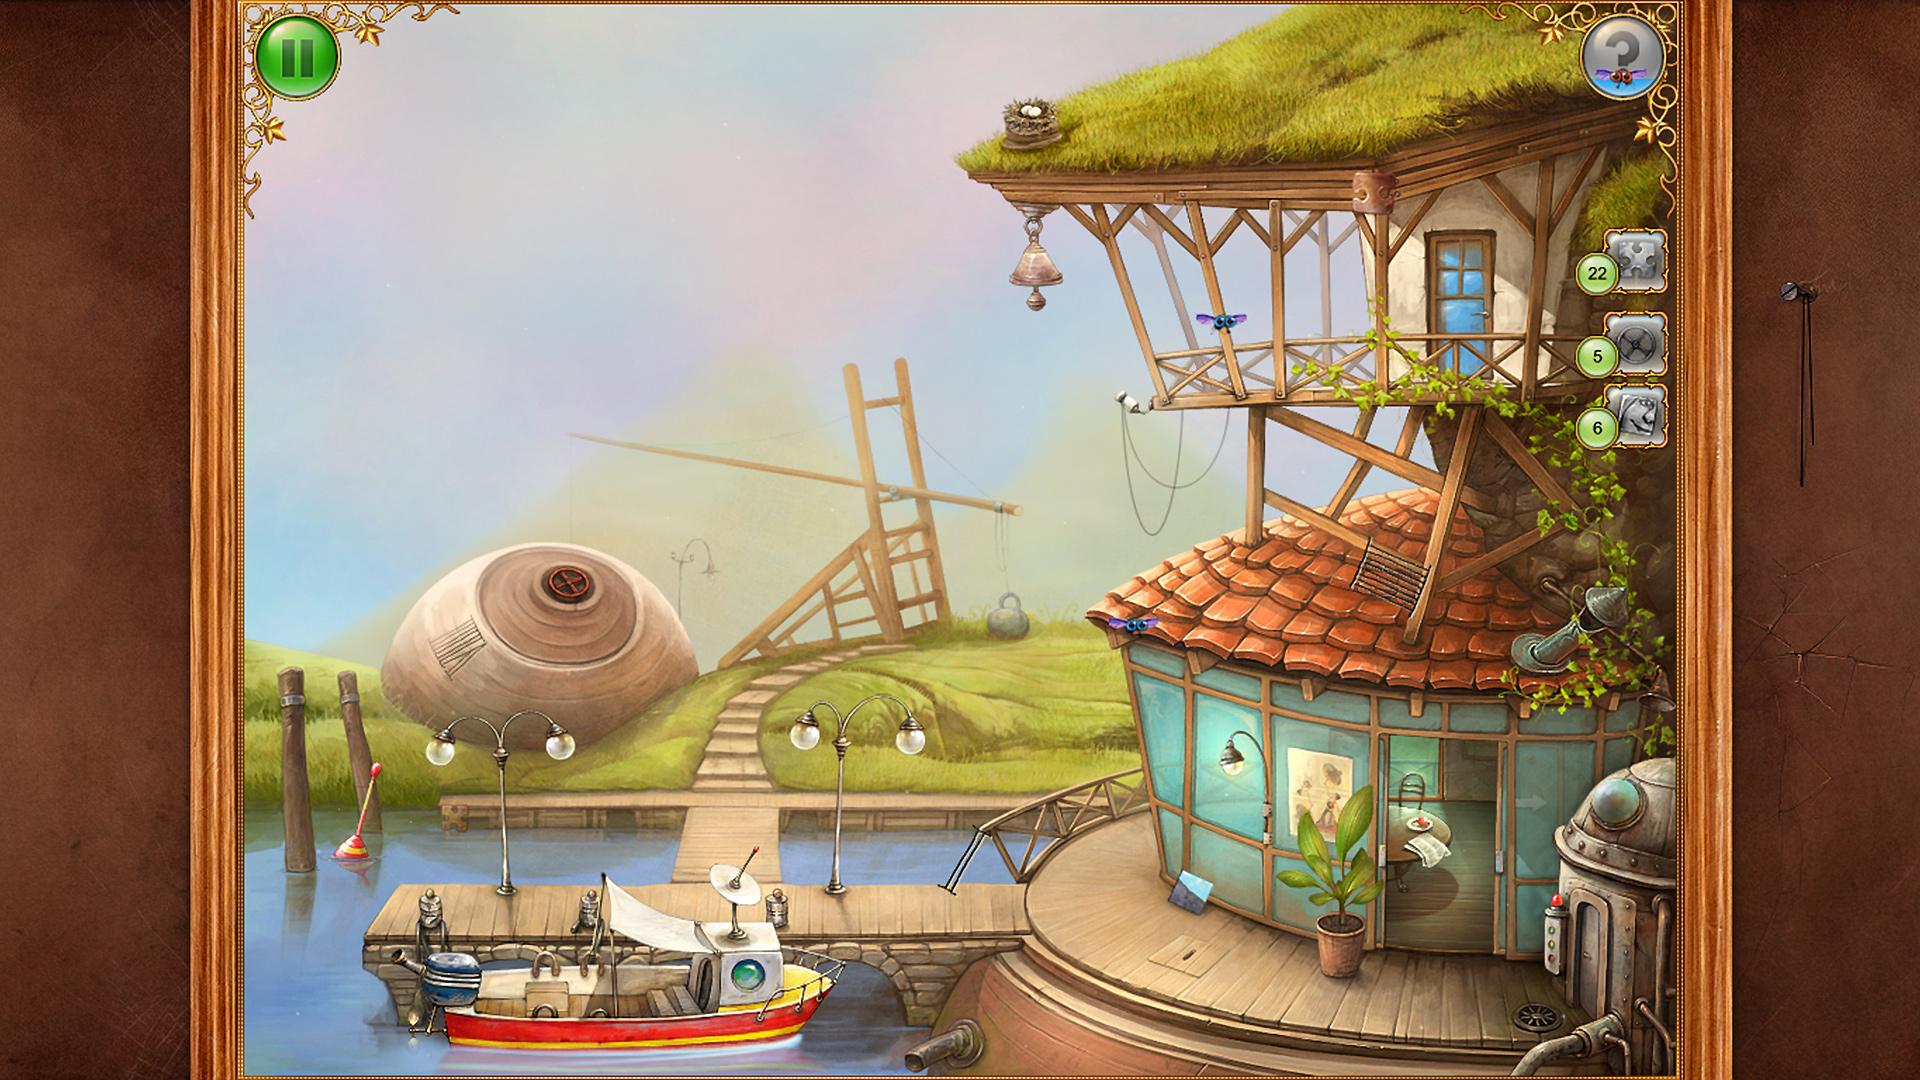 Steam喜+1《小小星球大碰撞》免費領取 老少皆宜的好遊戲